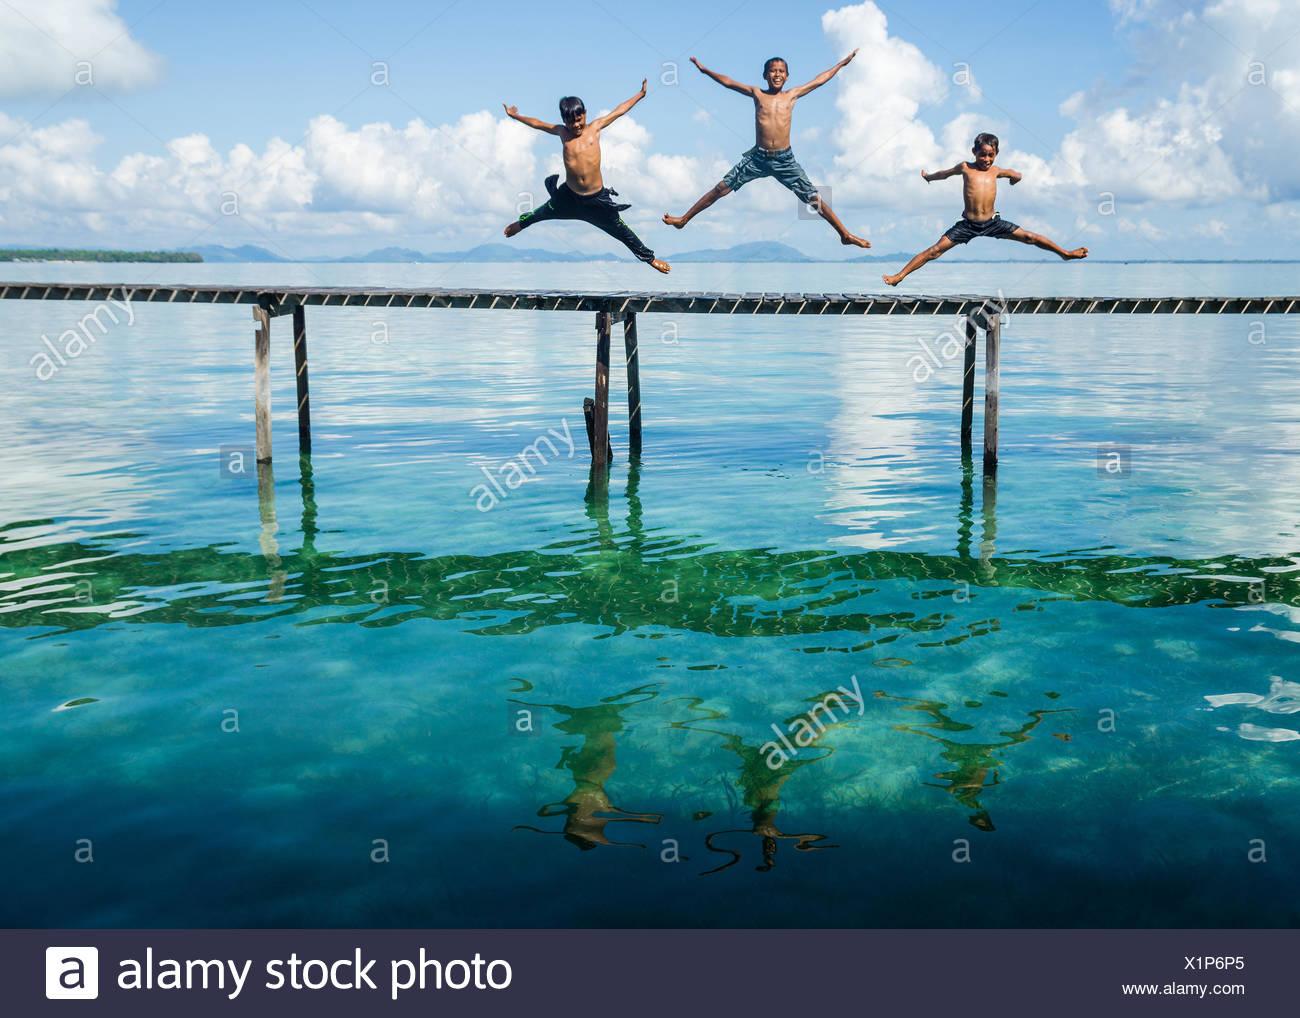 Trois garçons en sautant à la mer à partir d'une jetée, Salakan Island, Semporna, Sabah, Malaisie Photo Stock